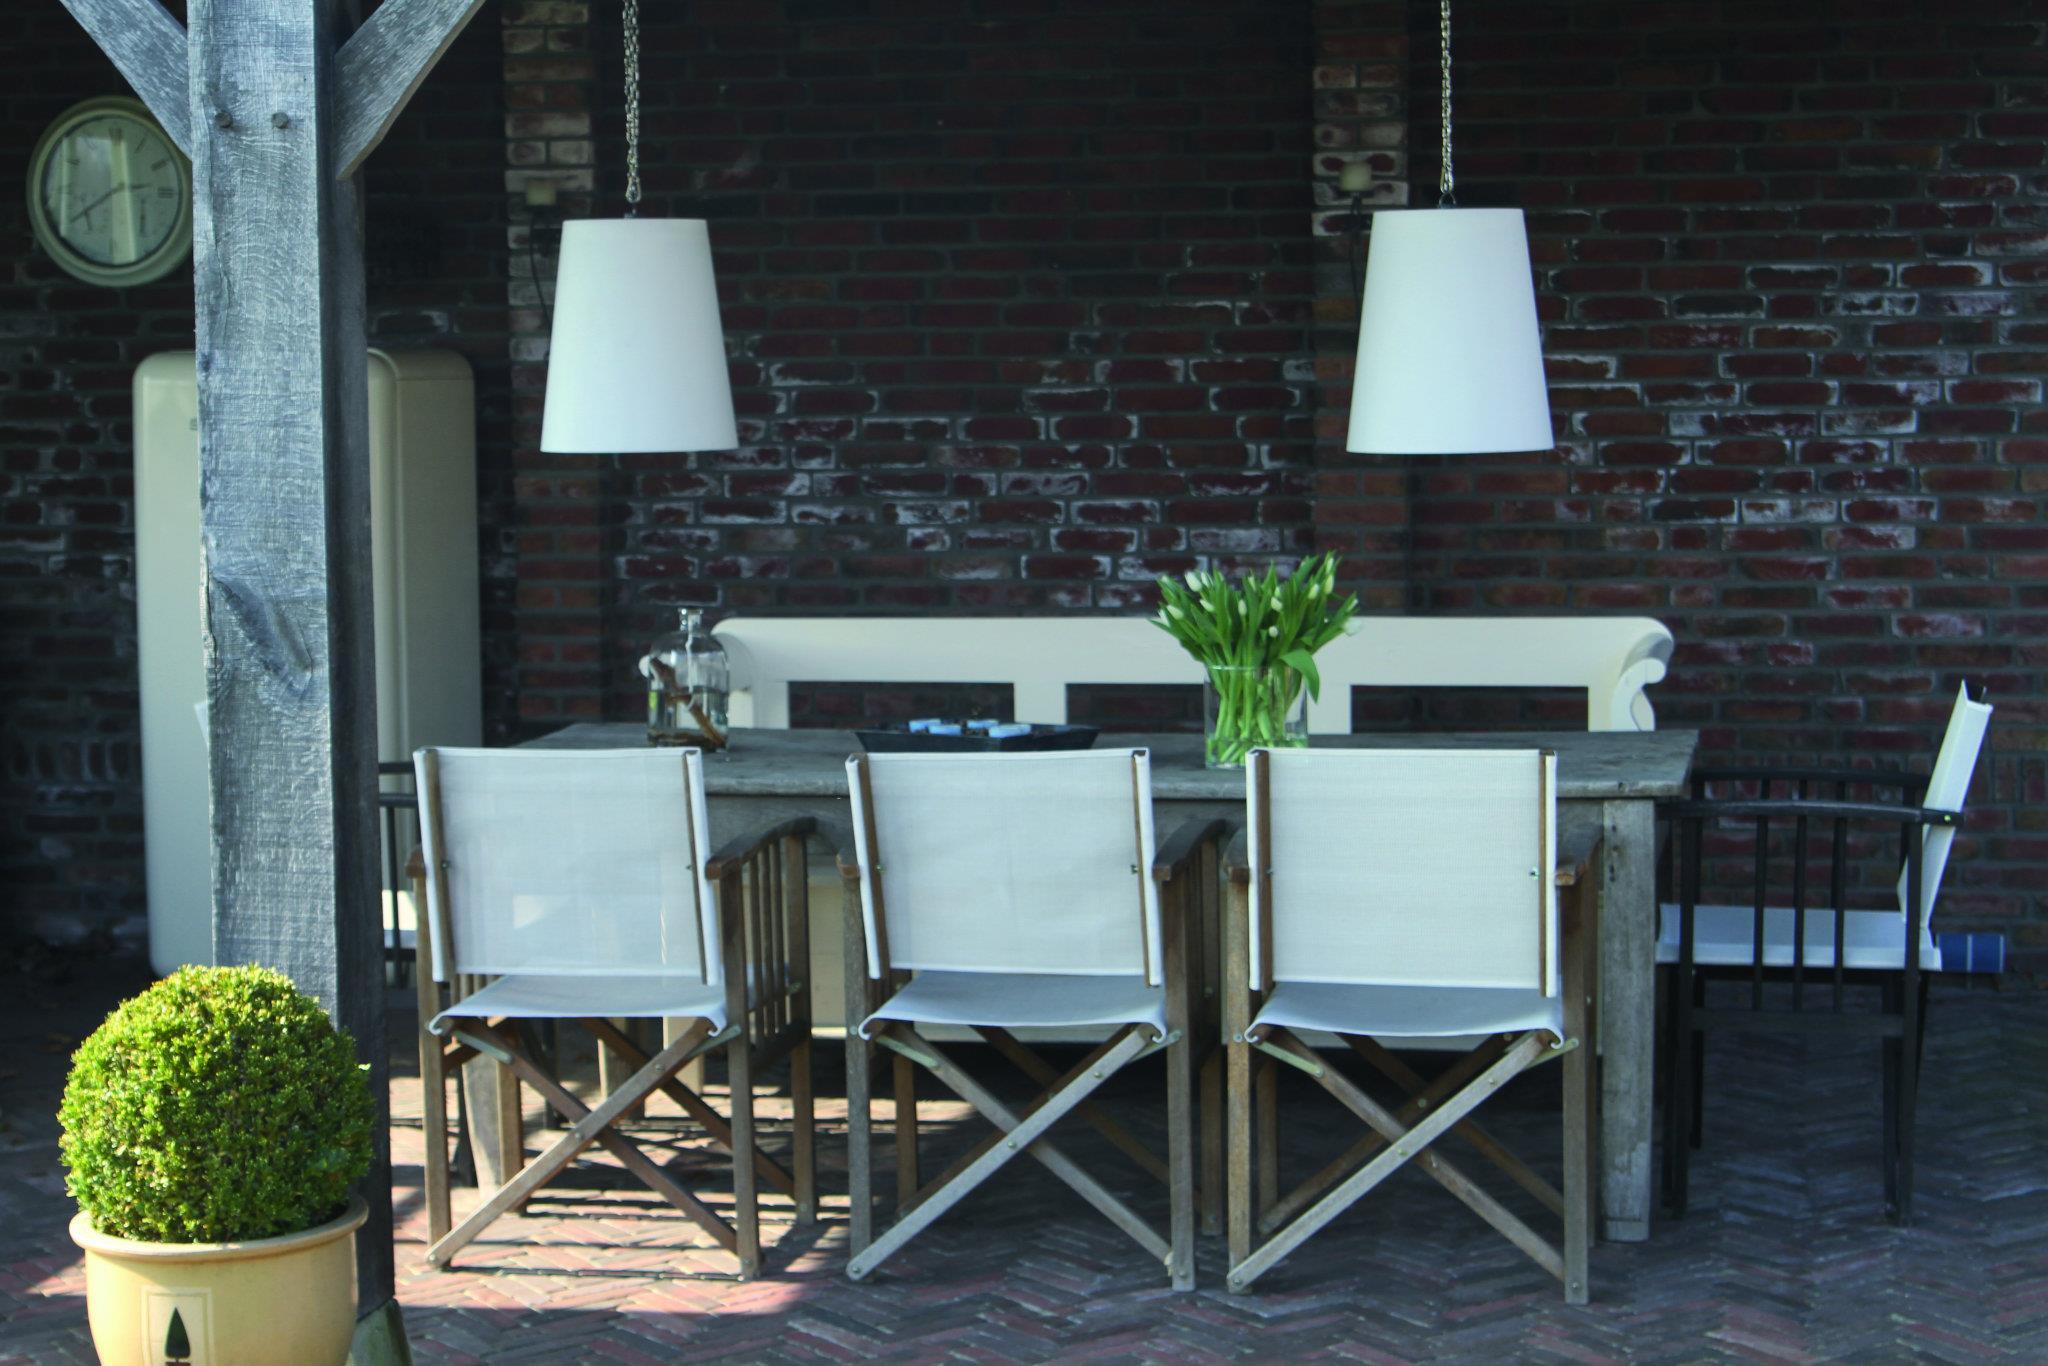 Draadloze dutch design hanglampen voor de tuin op zonne energie van gacoli - Buitenverlichting design tuin ...